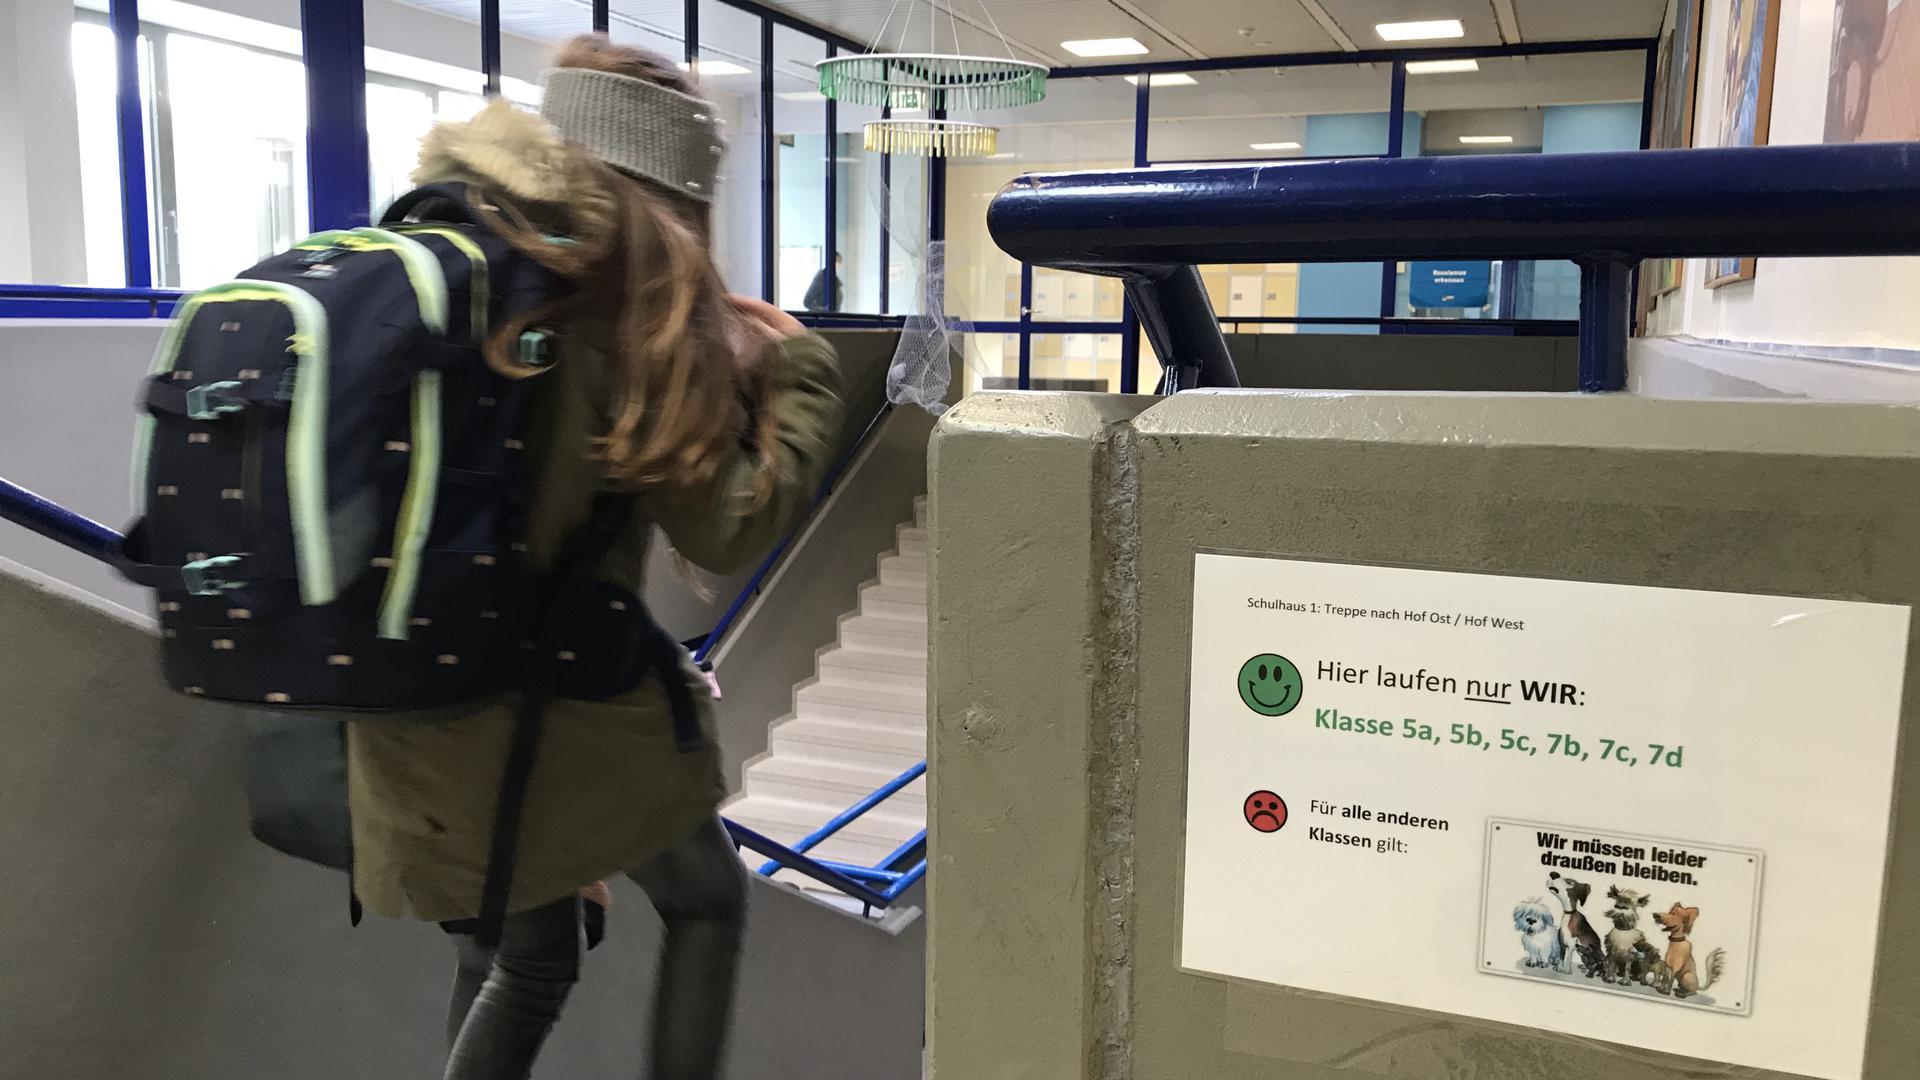 Keine Einbahnstraße: Begegnungsverkehr ist am WHG erlaubt, aber nur zwischen festgelegten Klassenstufen.